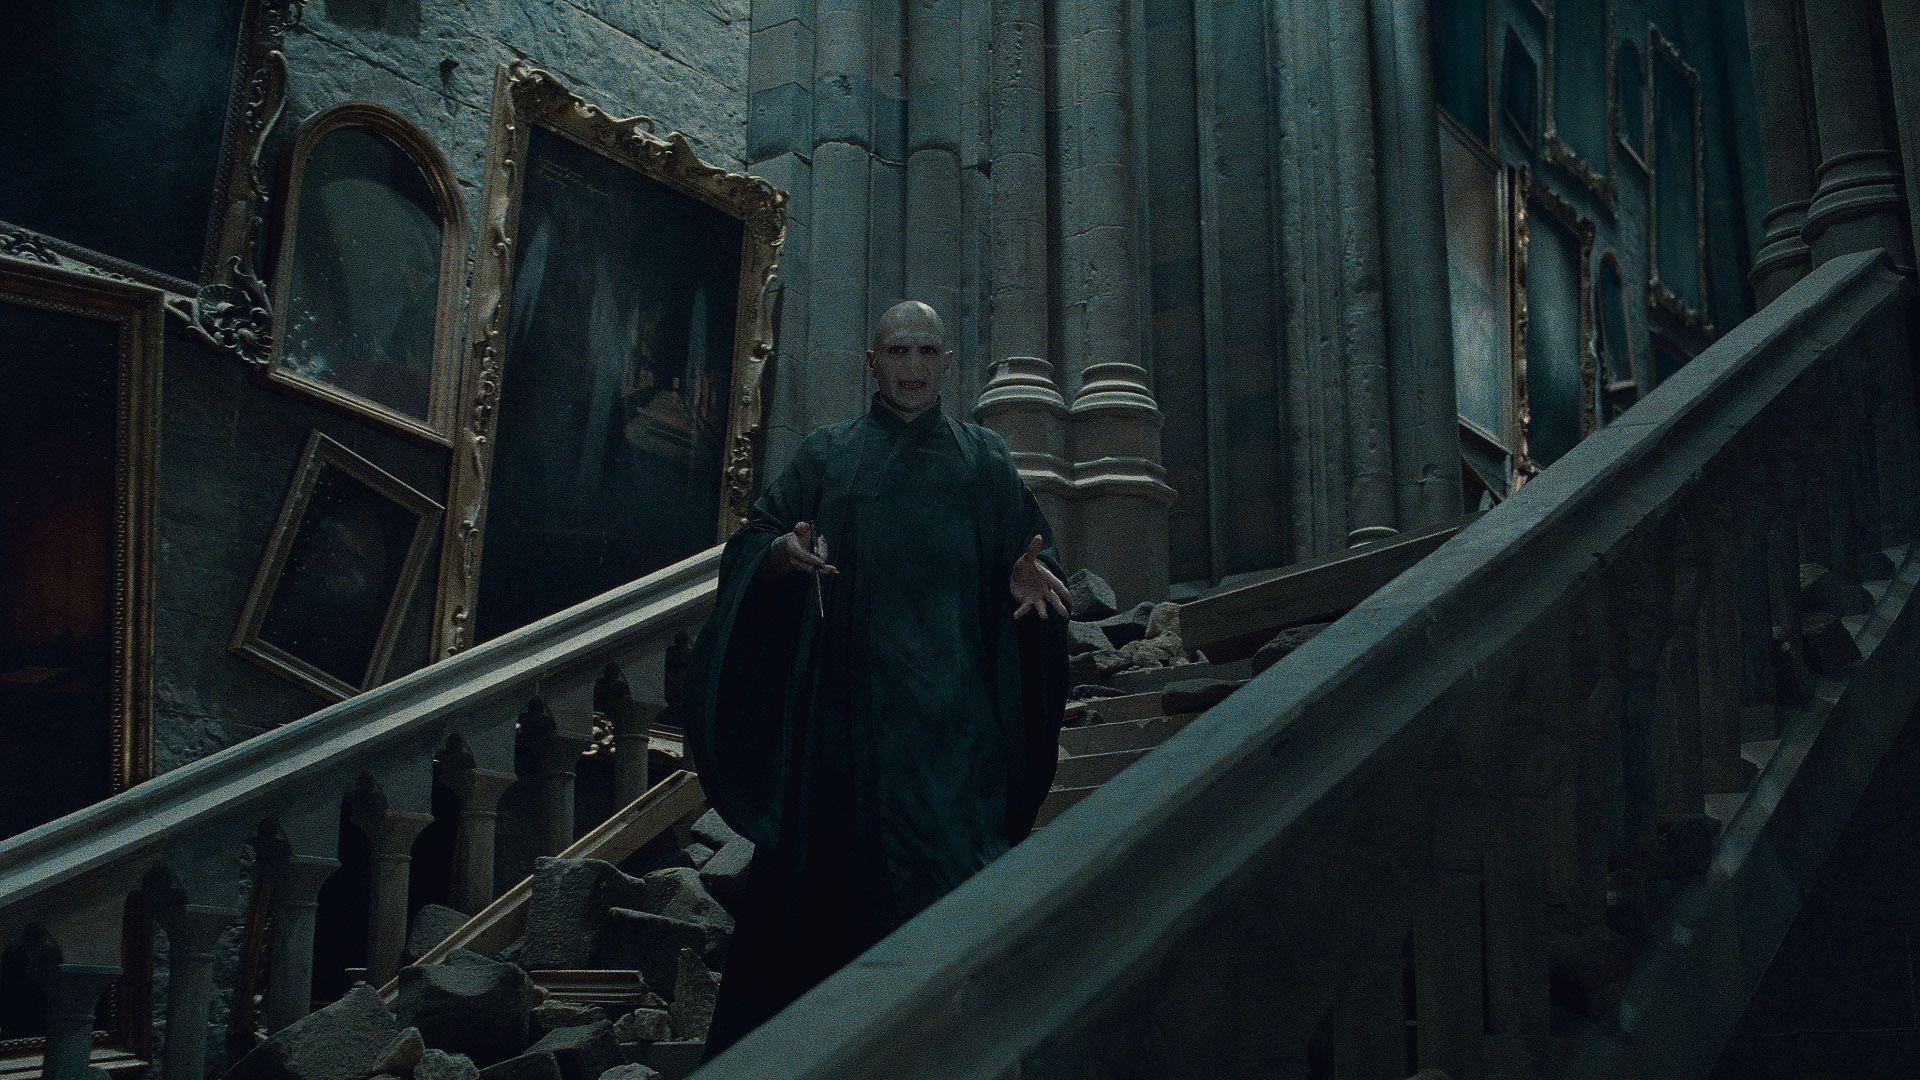 кадры из фильма Гарри Поттер и Дары Смерти: Часть вторая Рэйф Файнс,